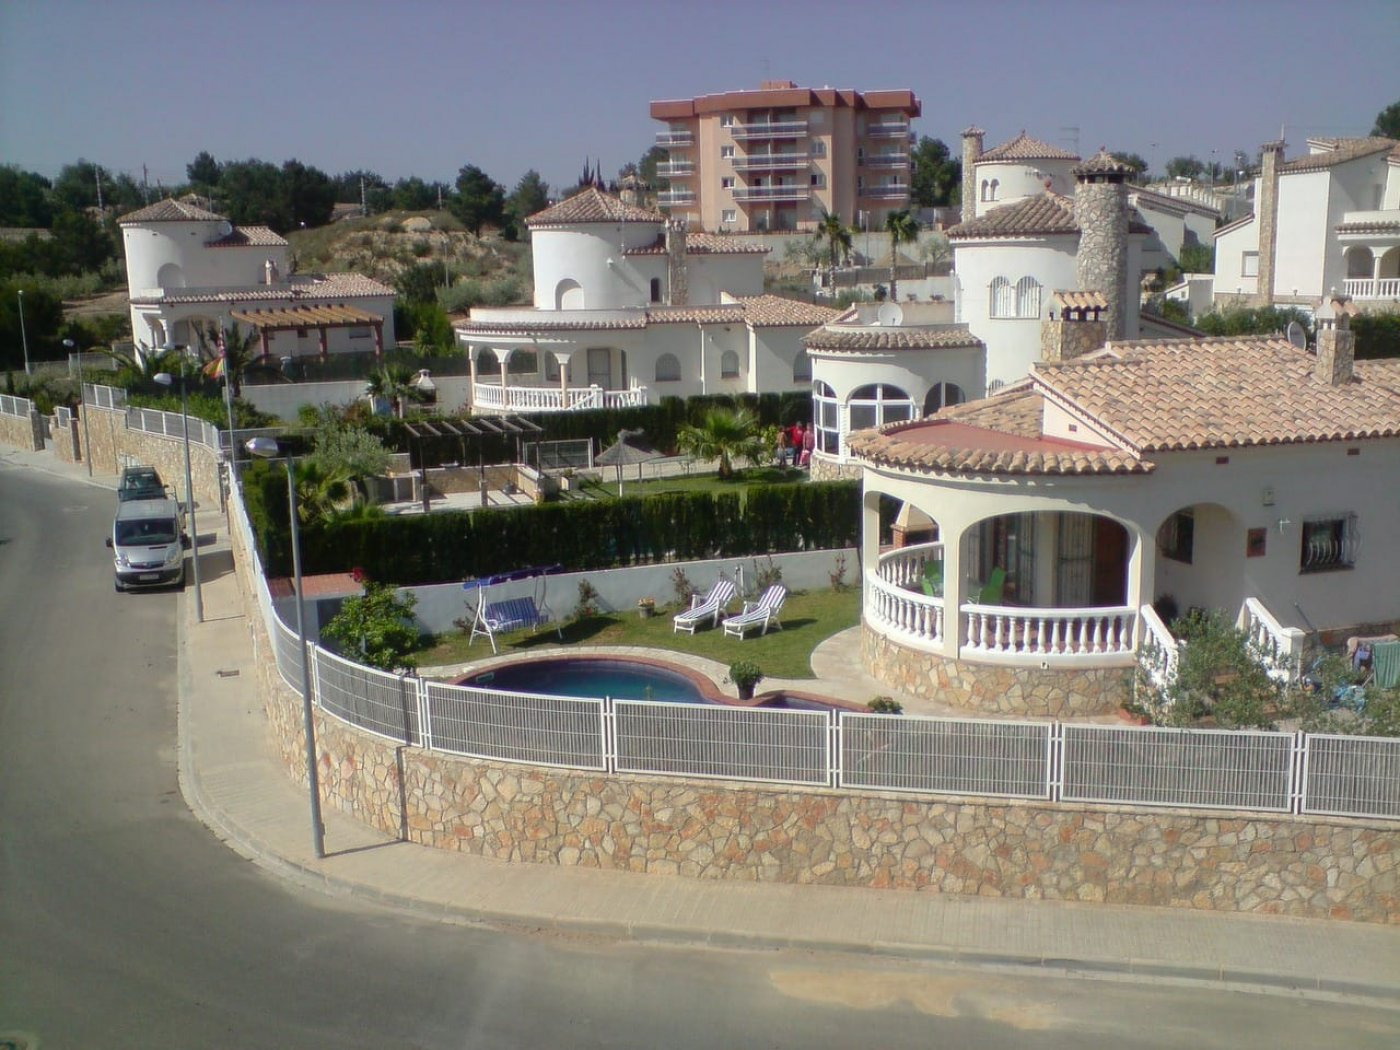 Casa  El perello ,zona mar. Chalet con piscina própia en cap roig